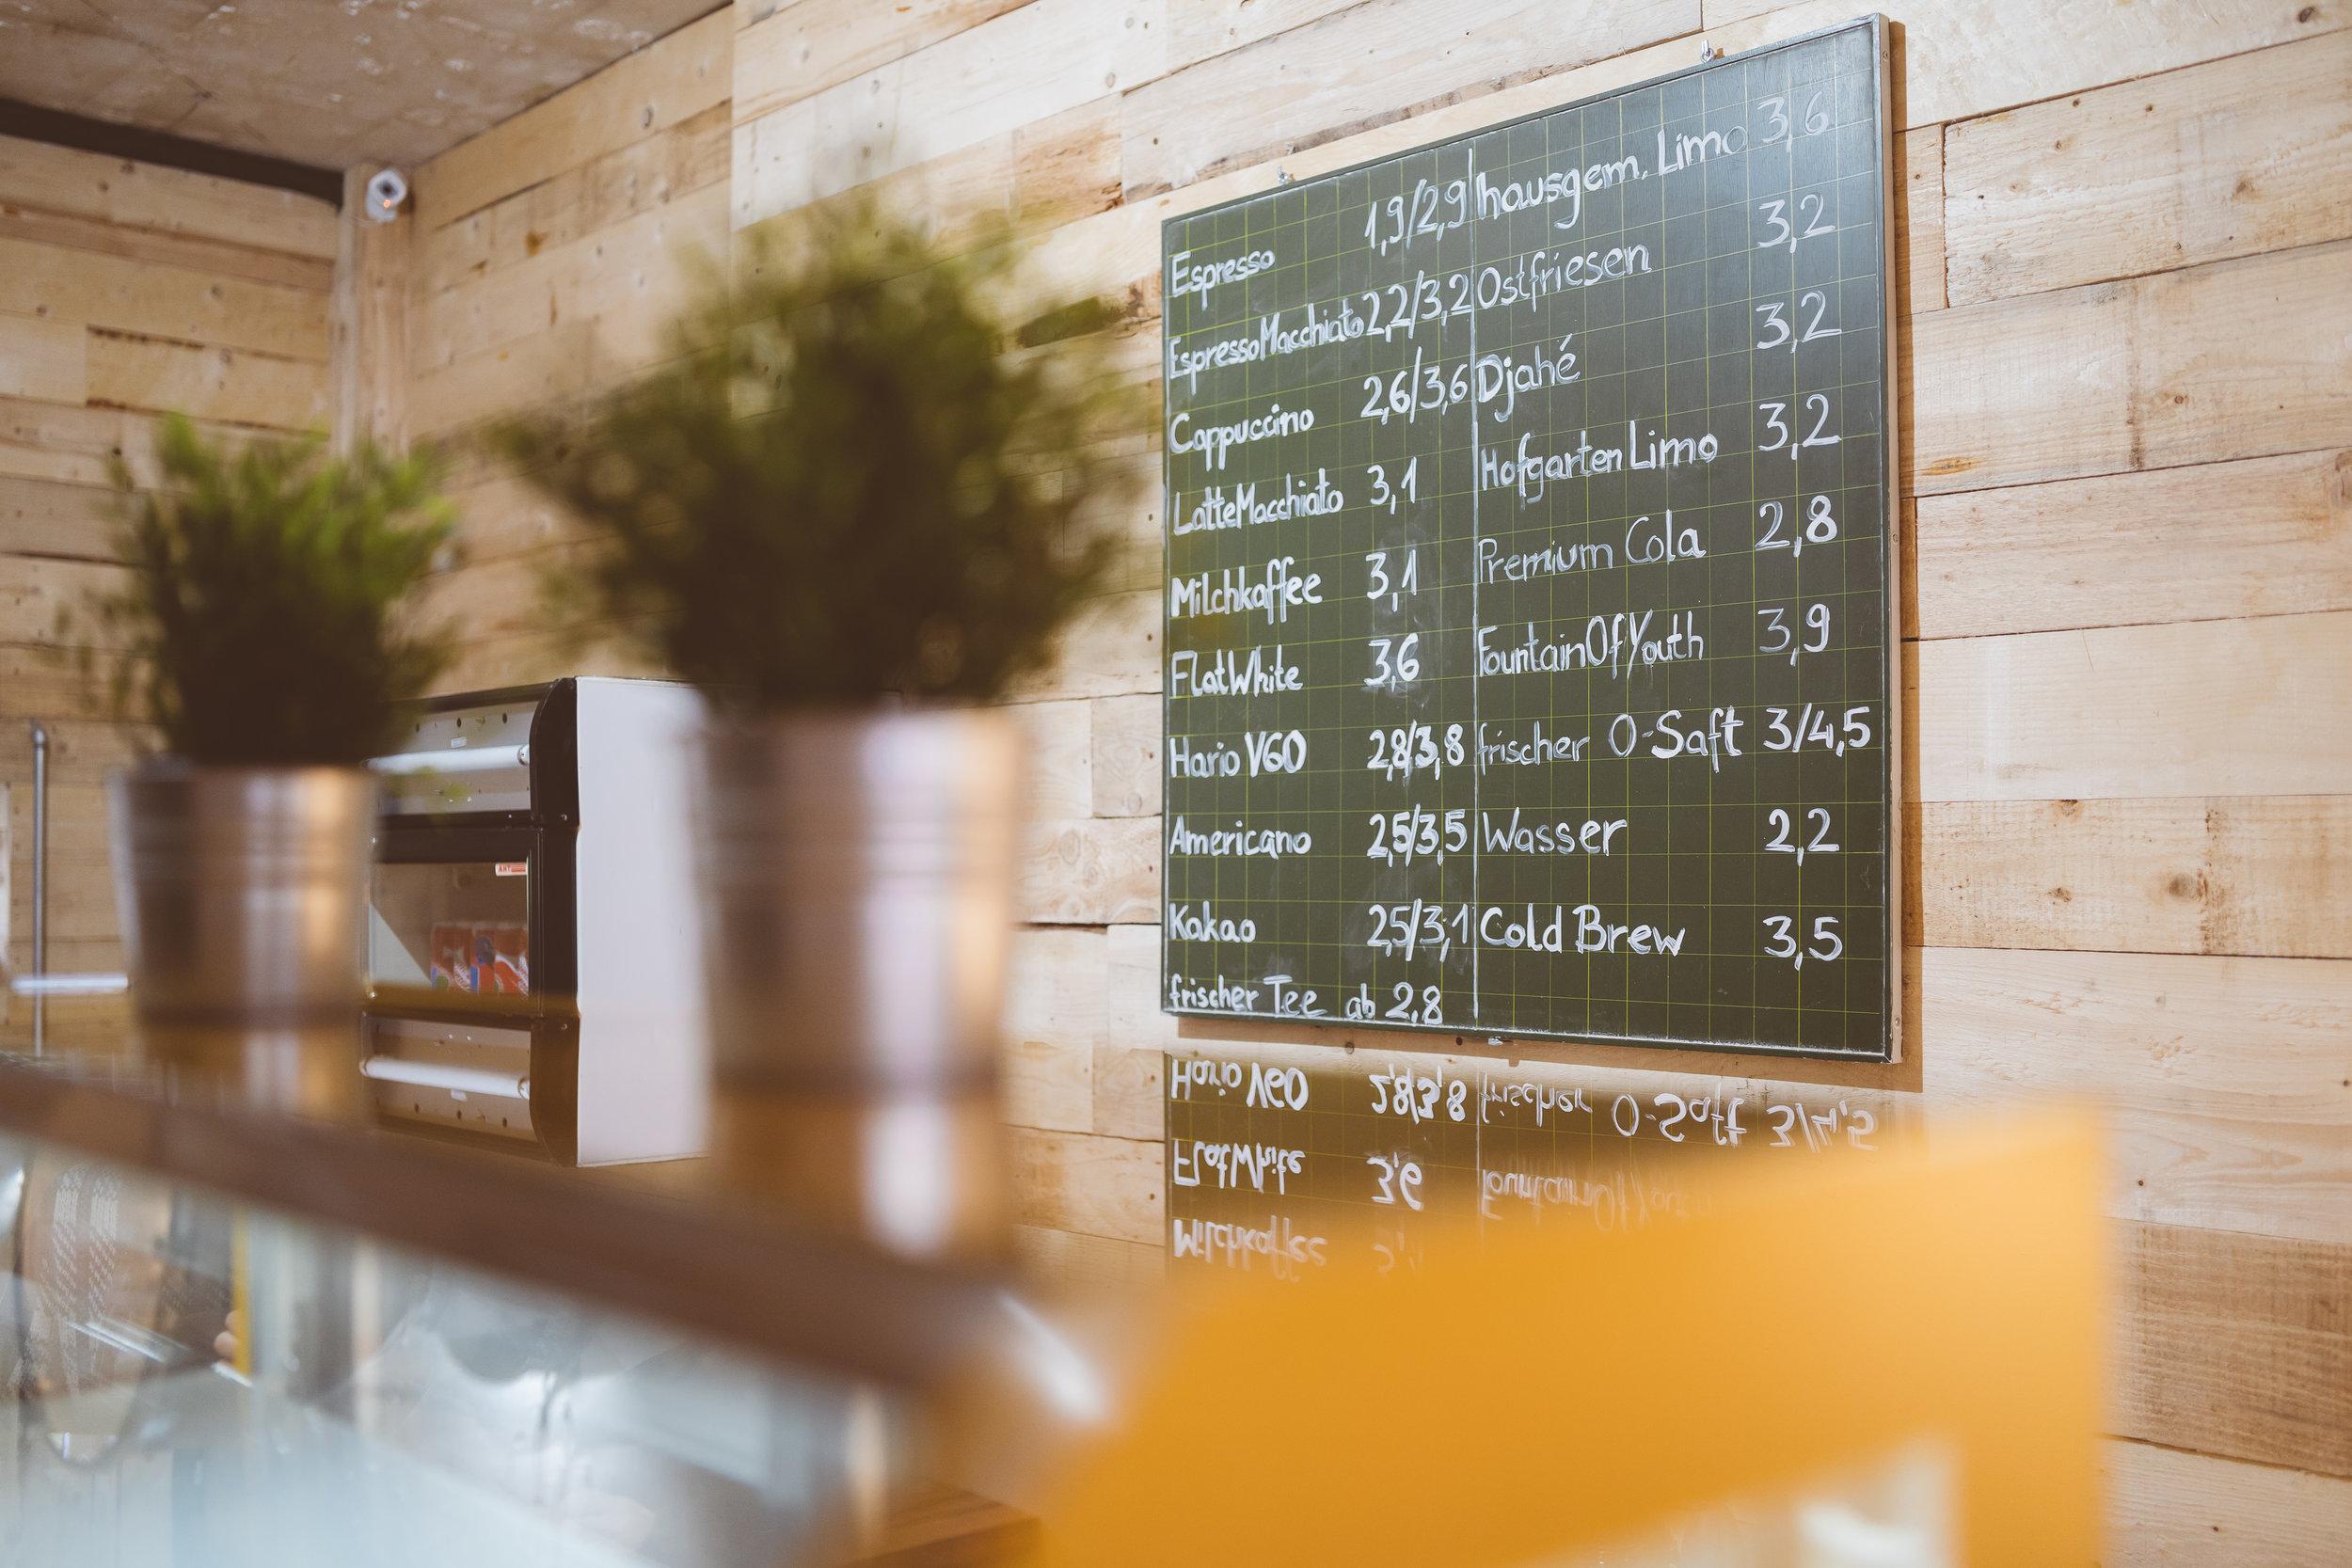 Faire Preise? - Ein Muss in einer Stadt wie Duisburg, die ja nicht für ihren finanziellen Reichtum berühmt ist.So kostet ein guter (!) Cappuccino € 2,60.